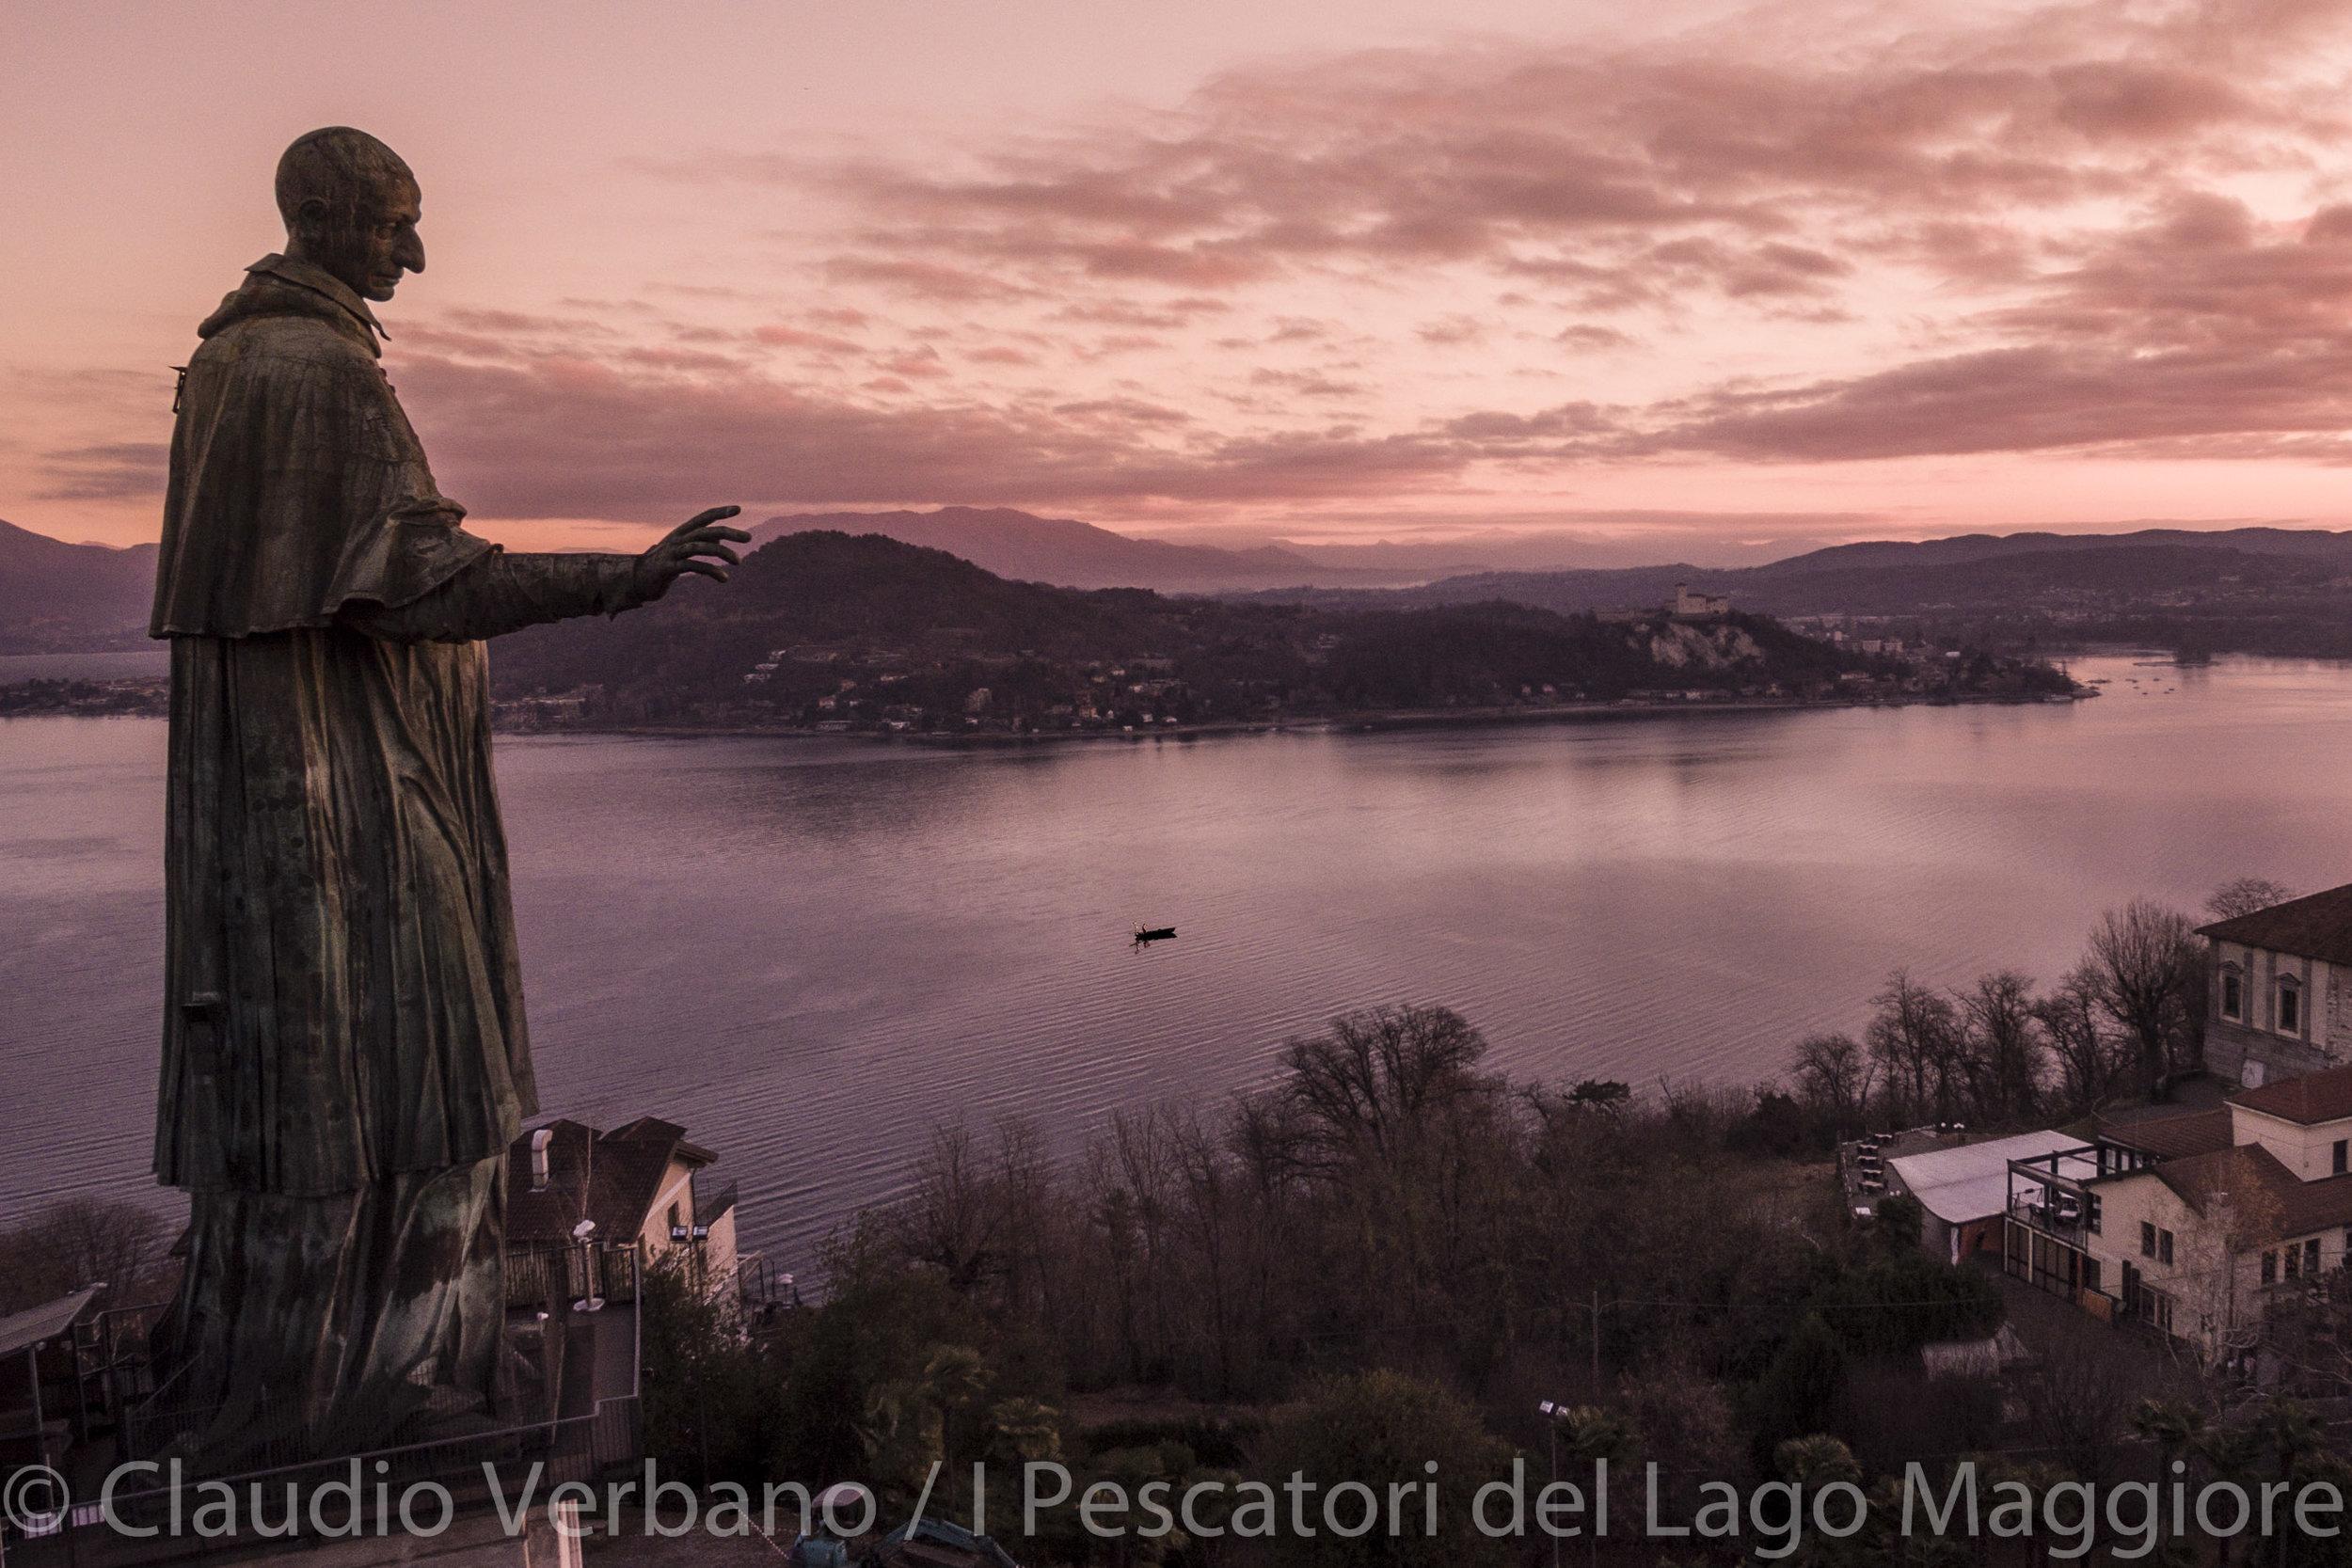 ClaudioVerbano_I Pescatori del Lago Maggiore_23.jpg